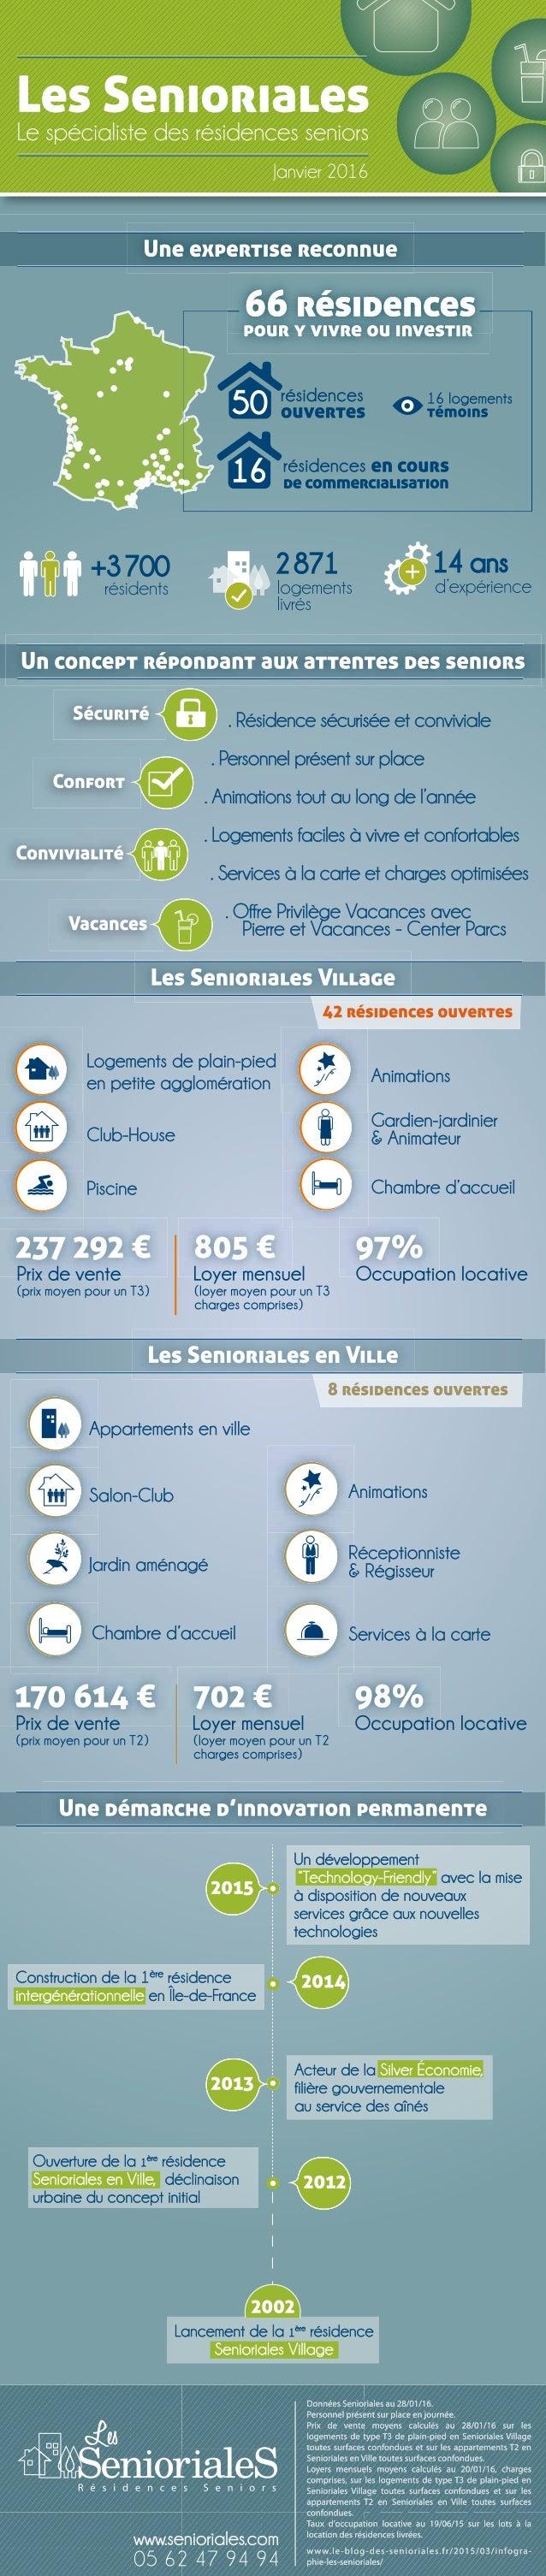 Les Senioriales, le specialiste des residences seniors - Infographie